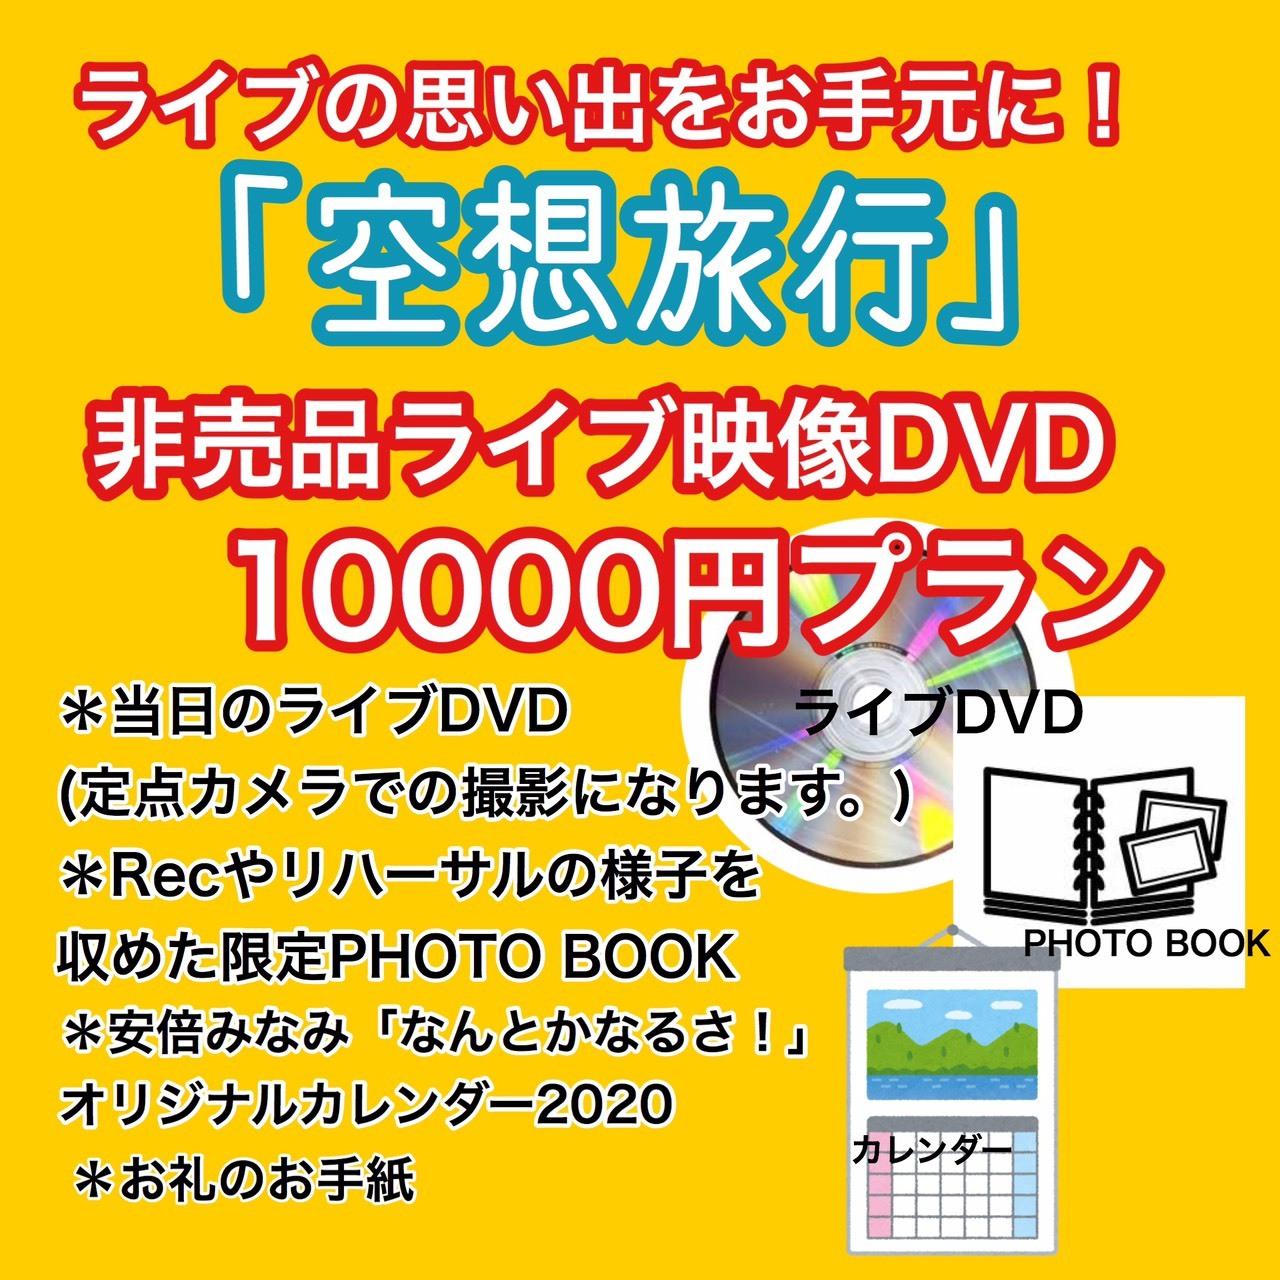 ライブDVD+カレンダー+PHOTO BOOKプラン